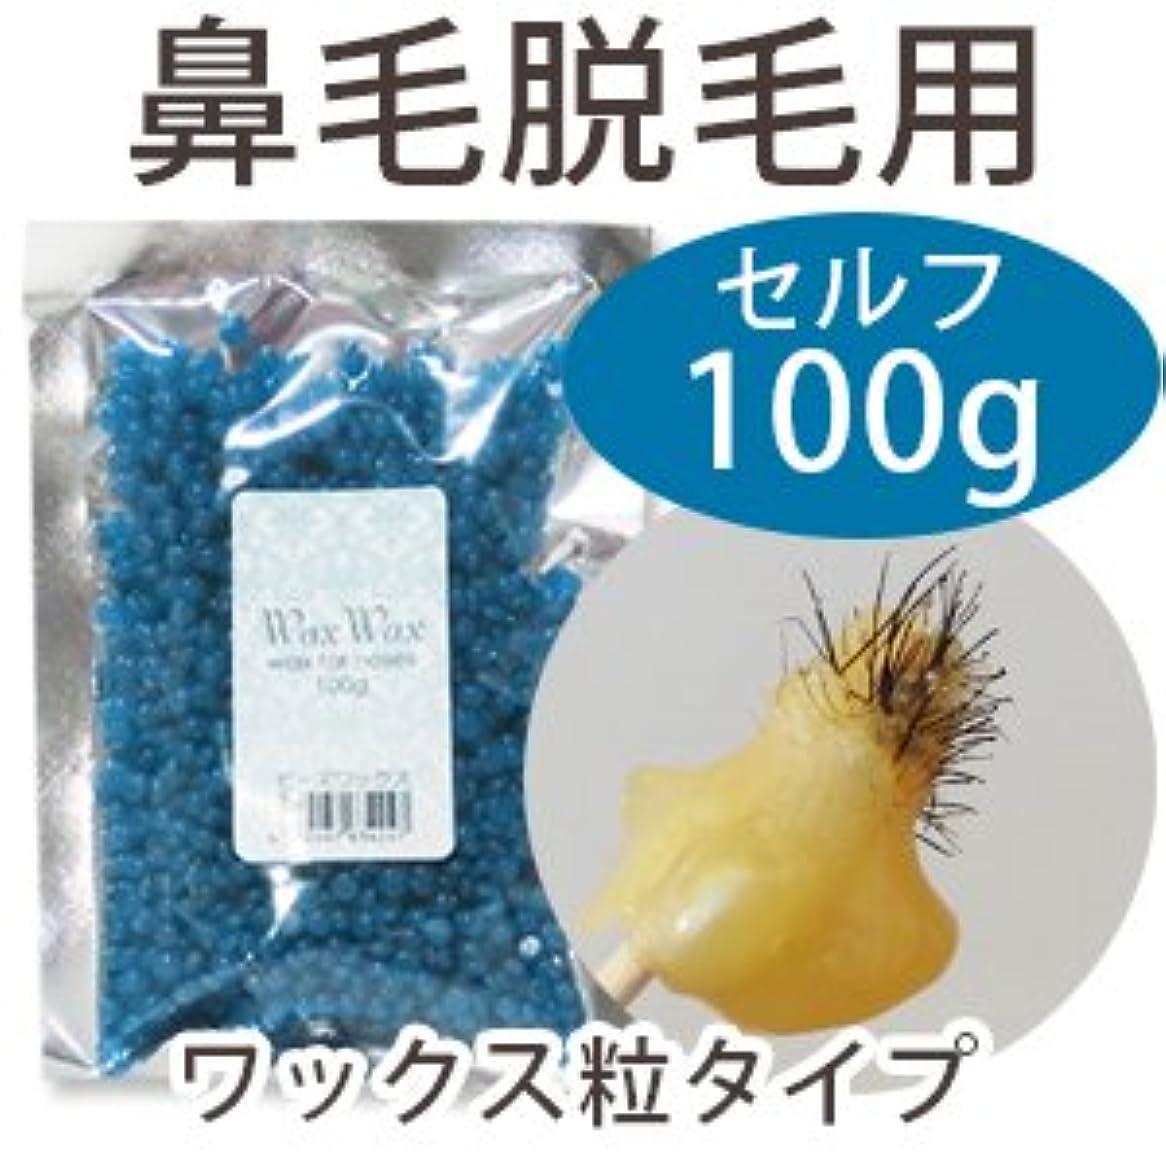 スクラッチ最も受賞鼻毛 産毛 脱毛 ビーズ ワックス (ブルー 100g)